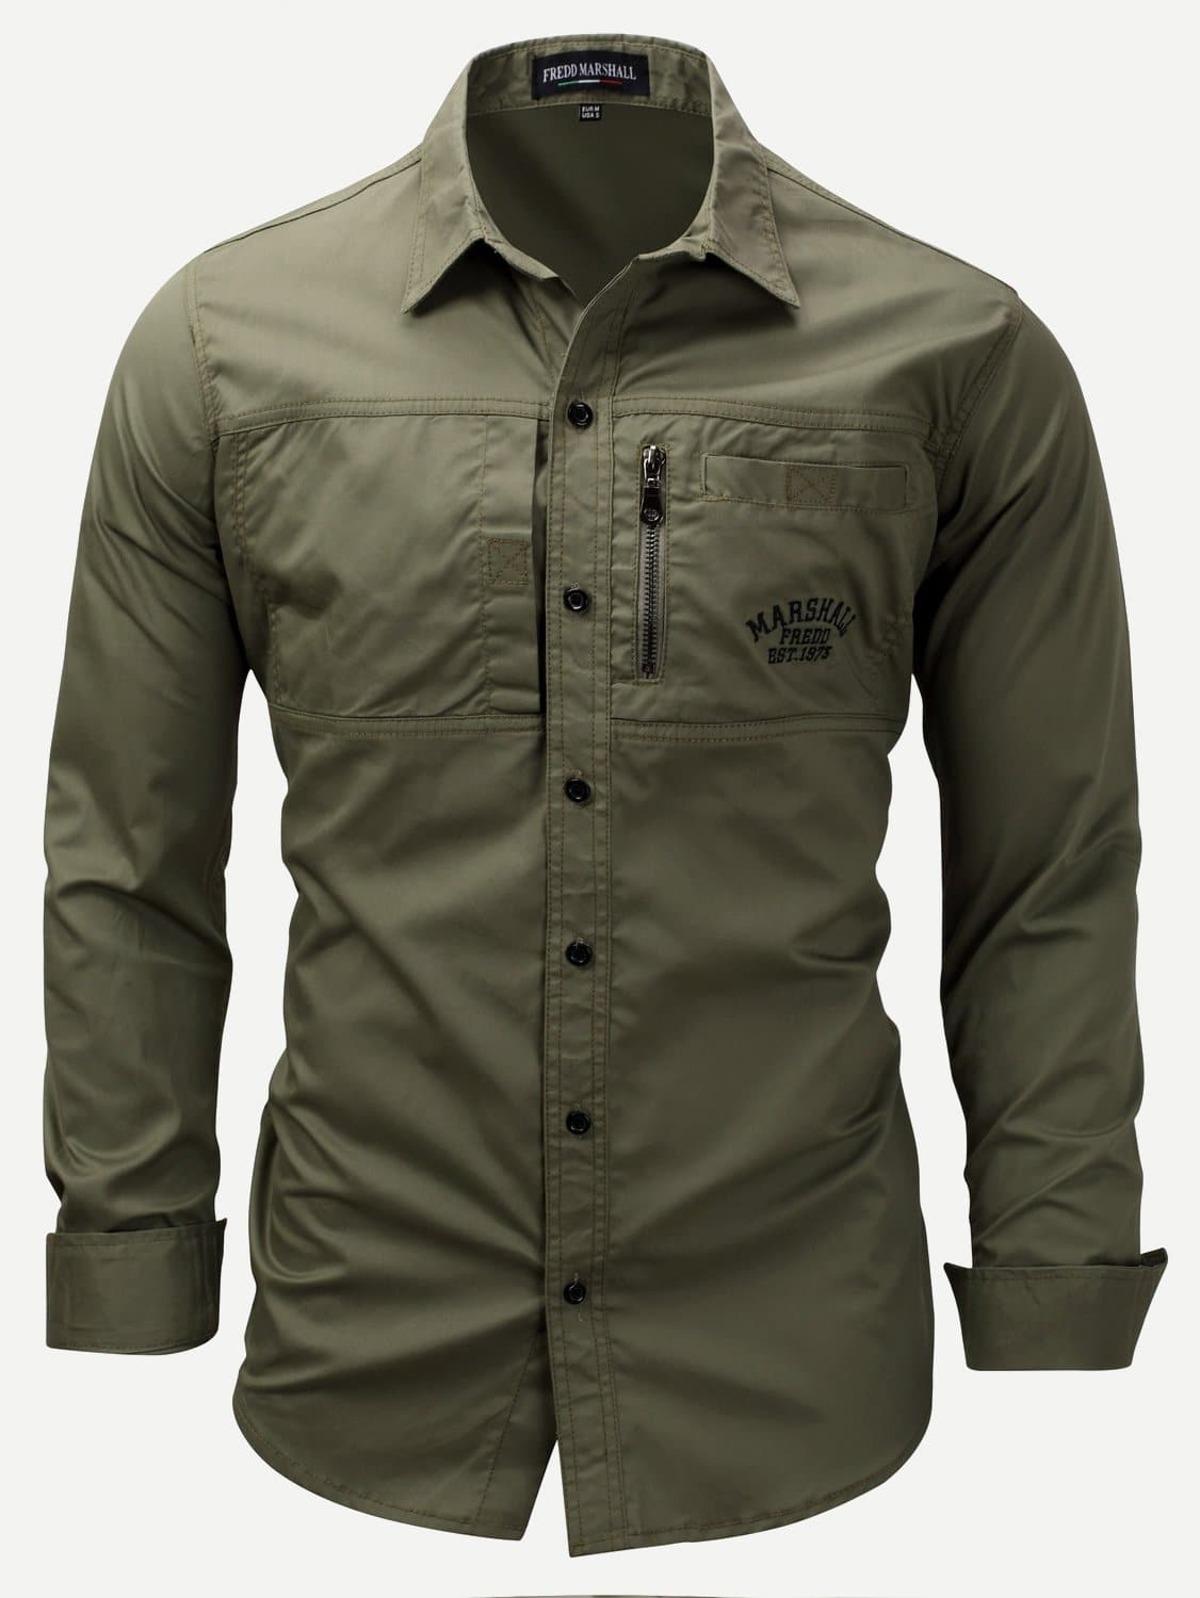 男人 刺鏽 裝飾 曲線 下擺 單色 襯衫